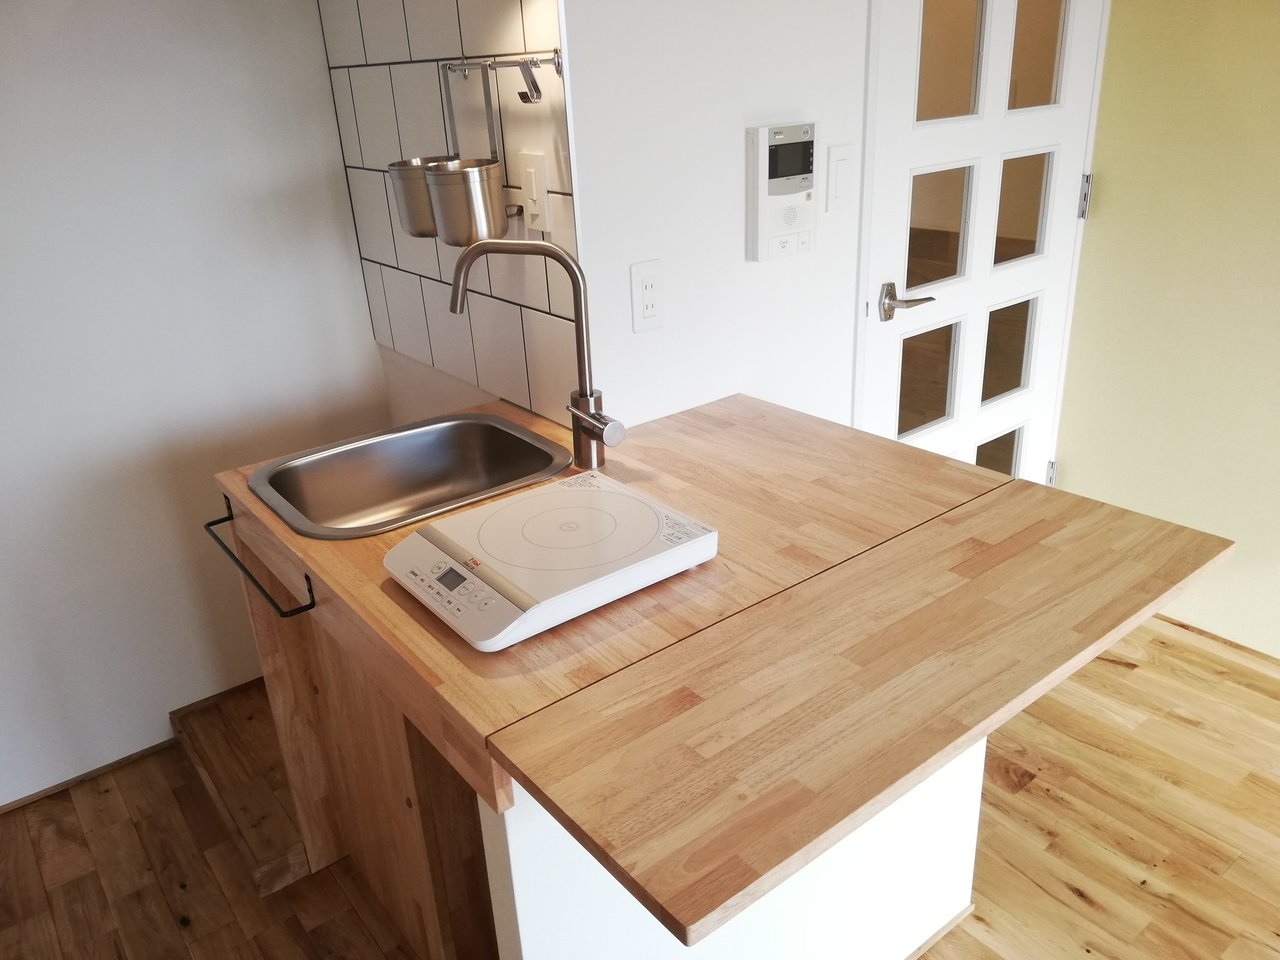 このカウンター部分、パタンと開くとこんな広い作業テーブル&ダイニングテーブルを兼ねちゃうんです。これ!これですよ!